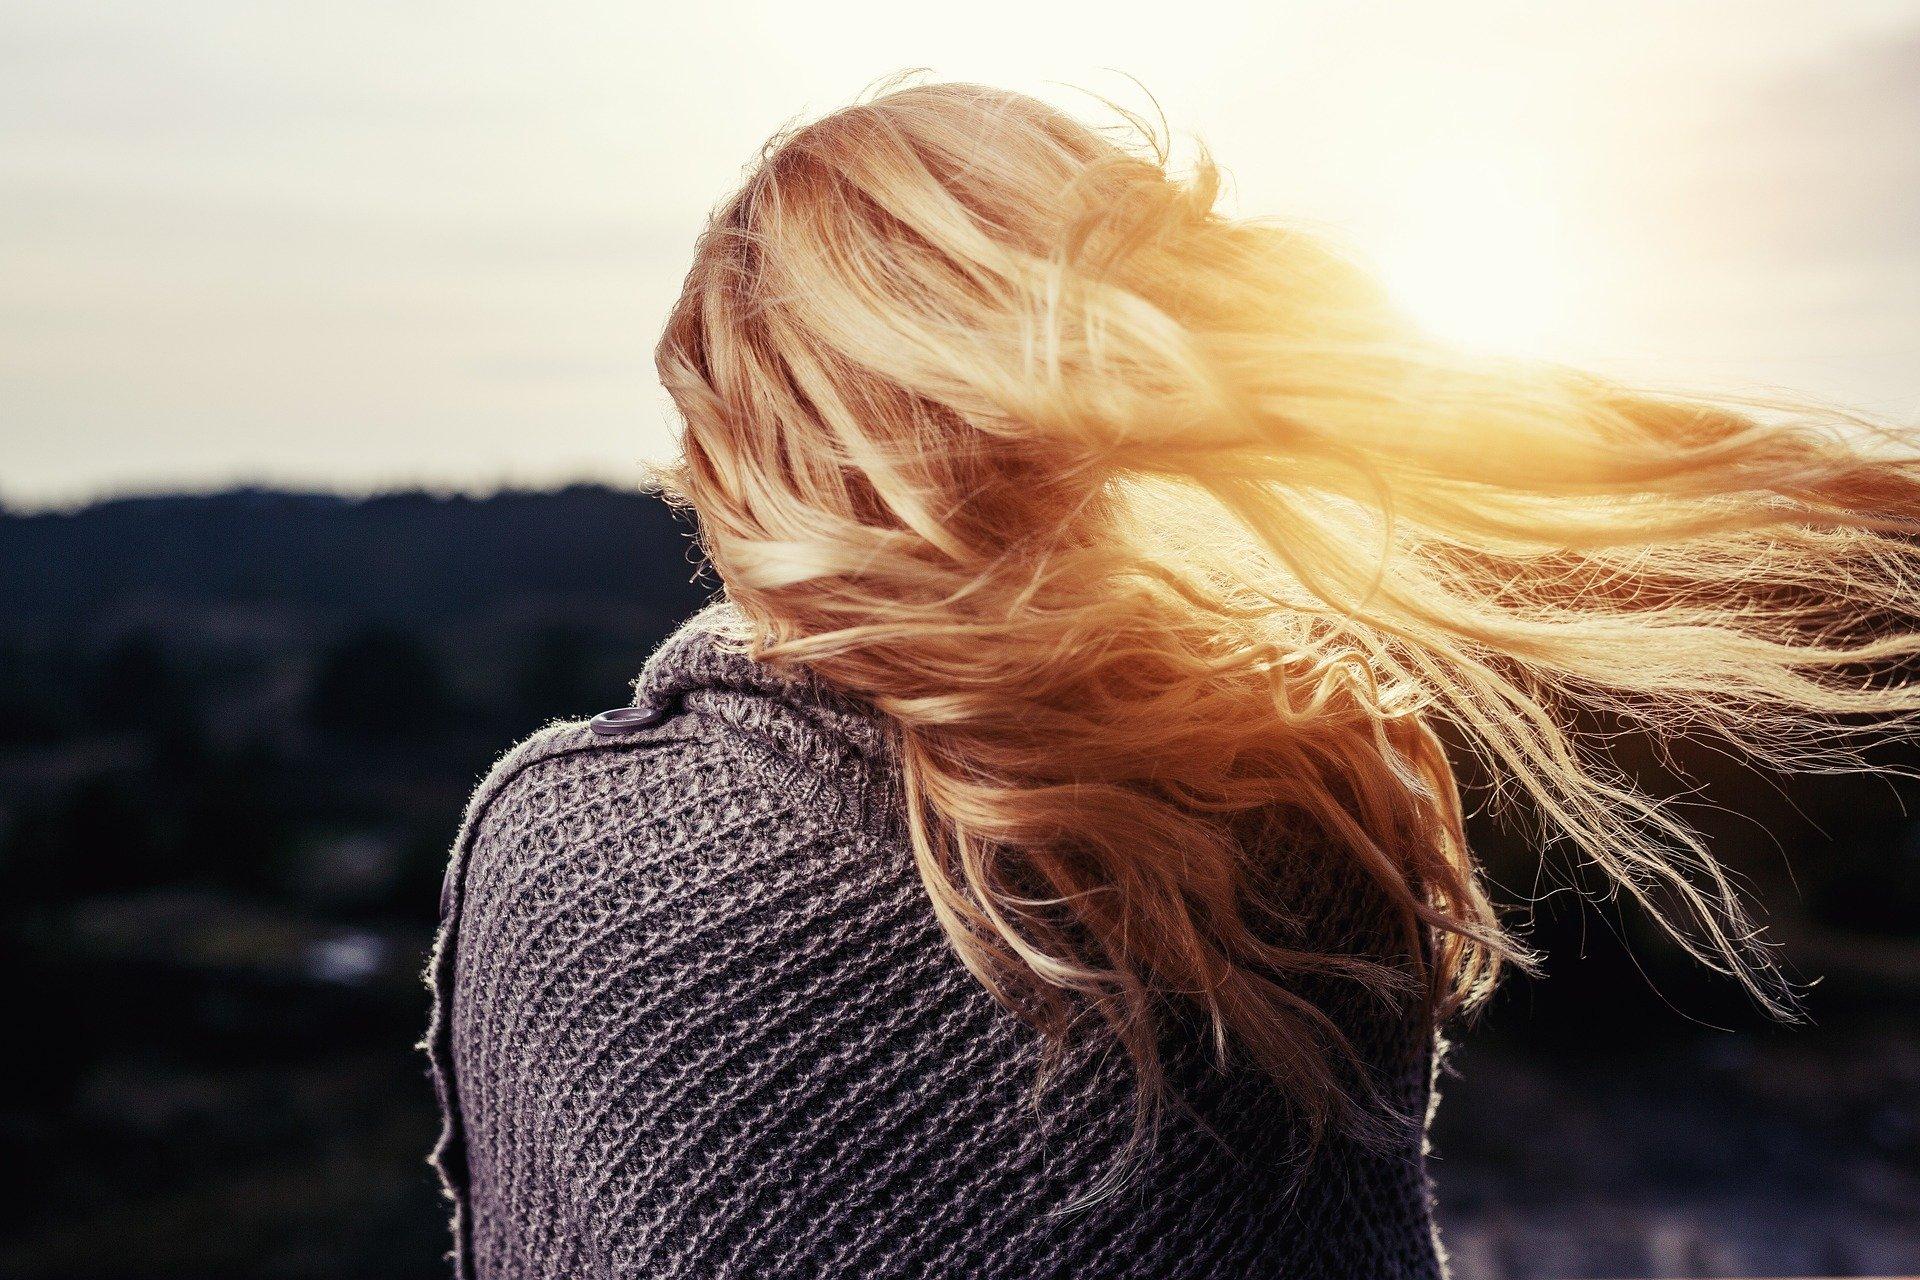 髪の毛の描き方を徹底解説!さらに要点も簡単にお届けします